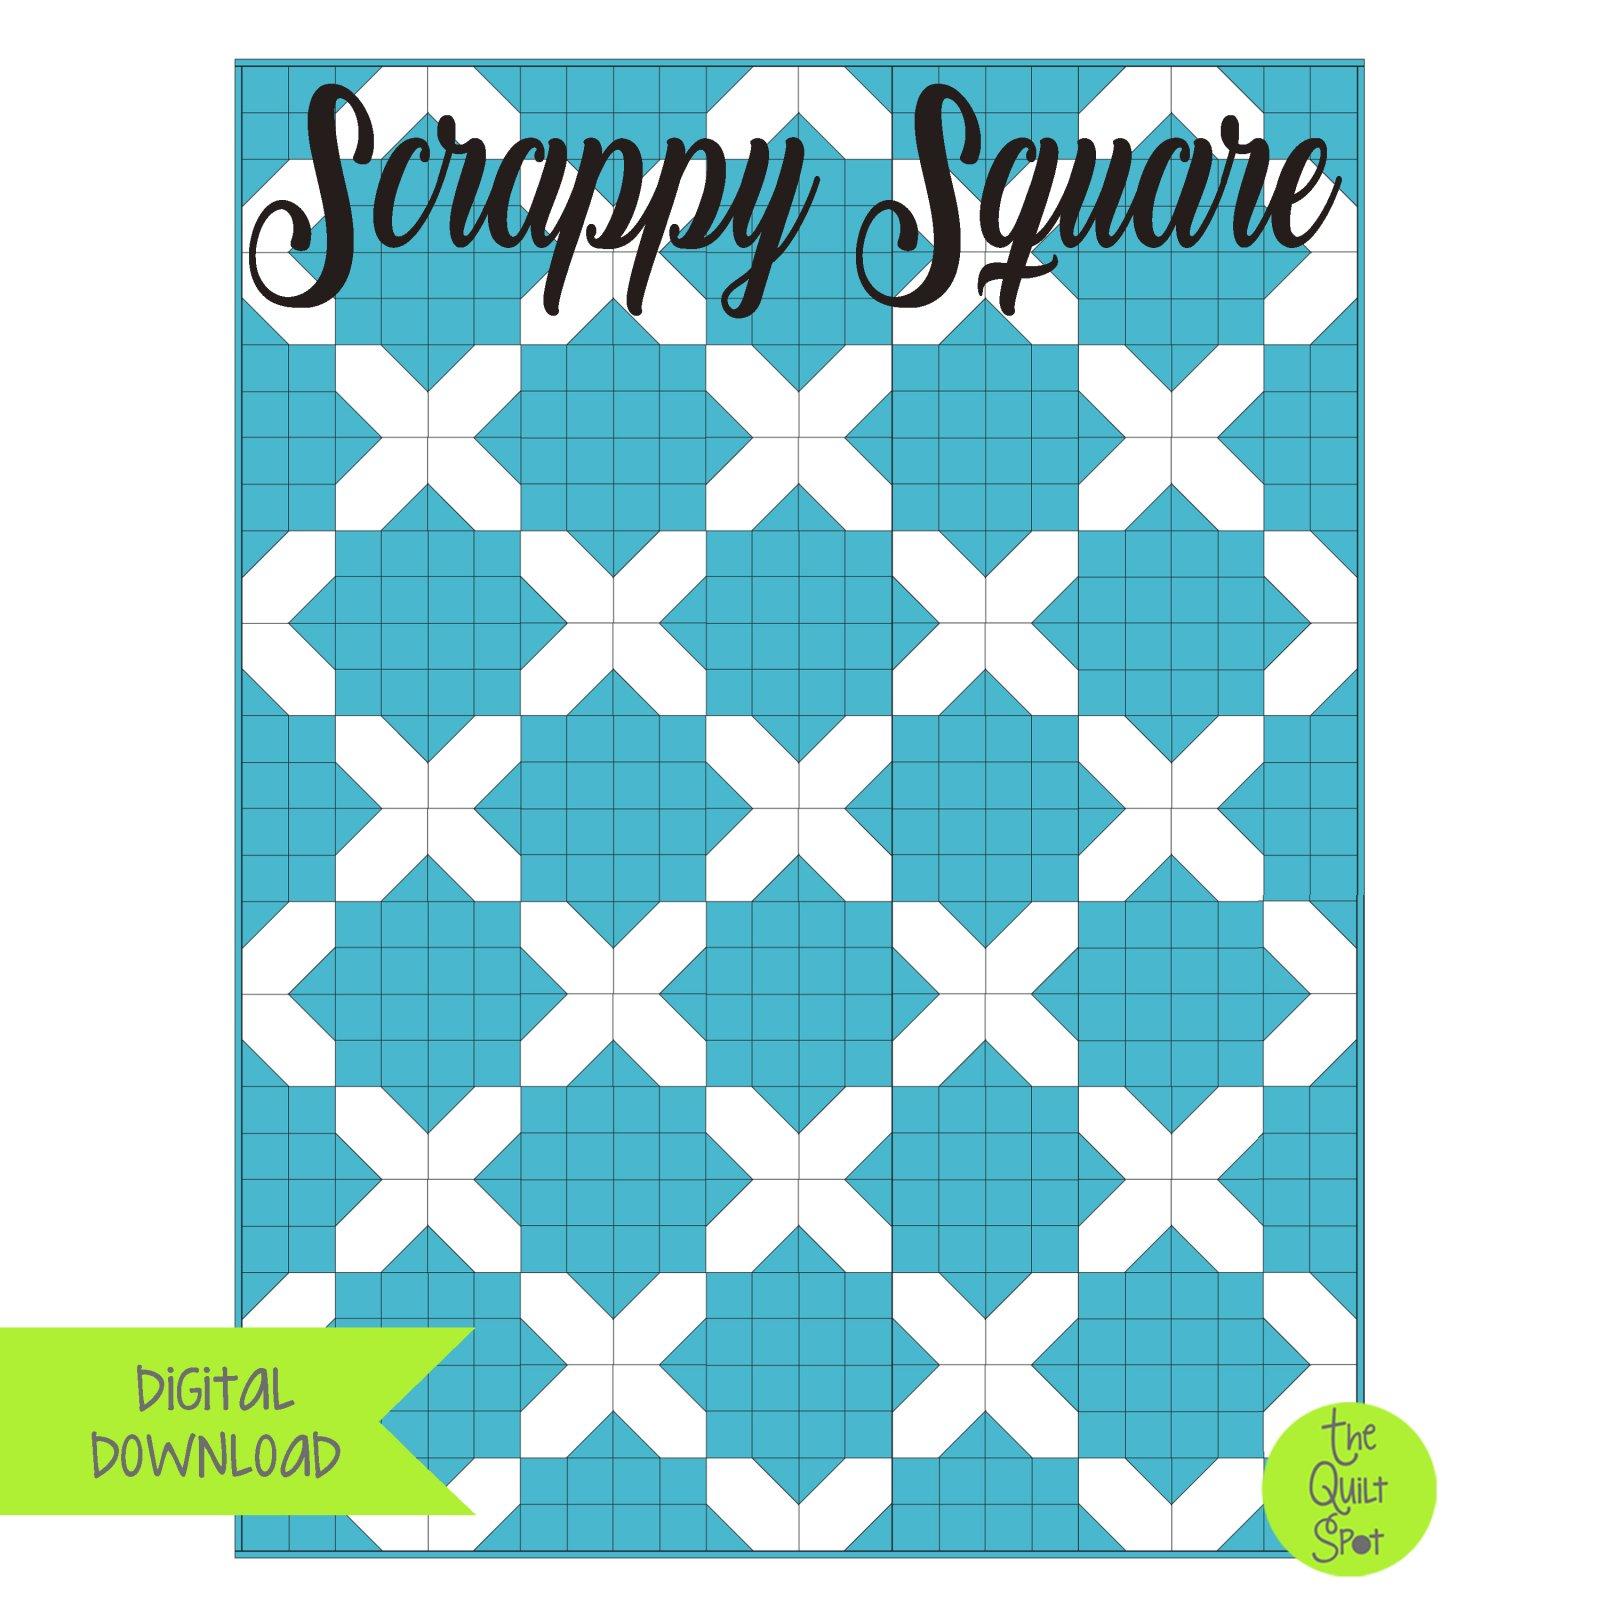 Scrappy Square Digital Download